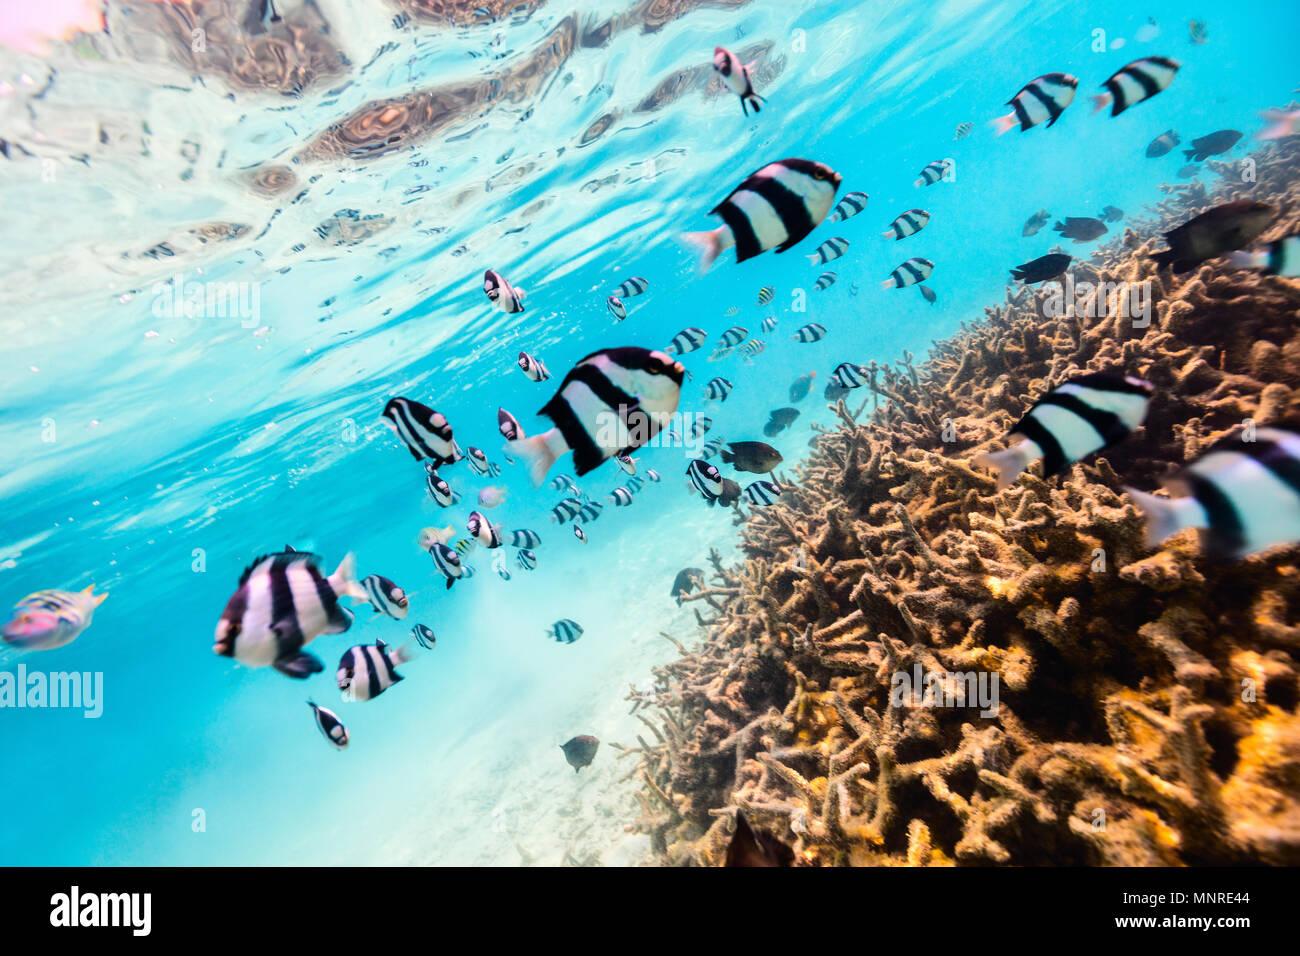 Hermoso colorido de los arrecifes de coral y peces tropicales bajo el agua en Maldivas Imagen De Stock